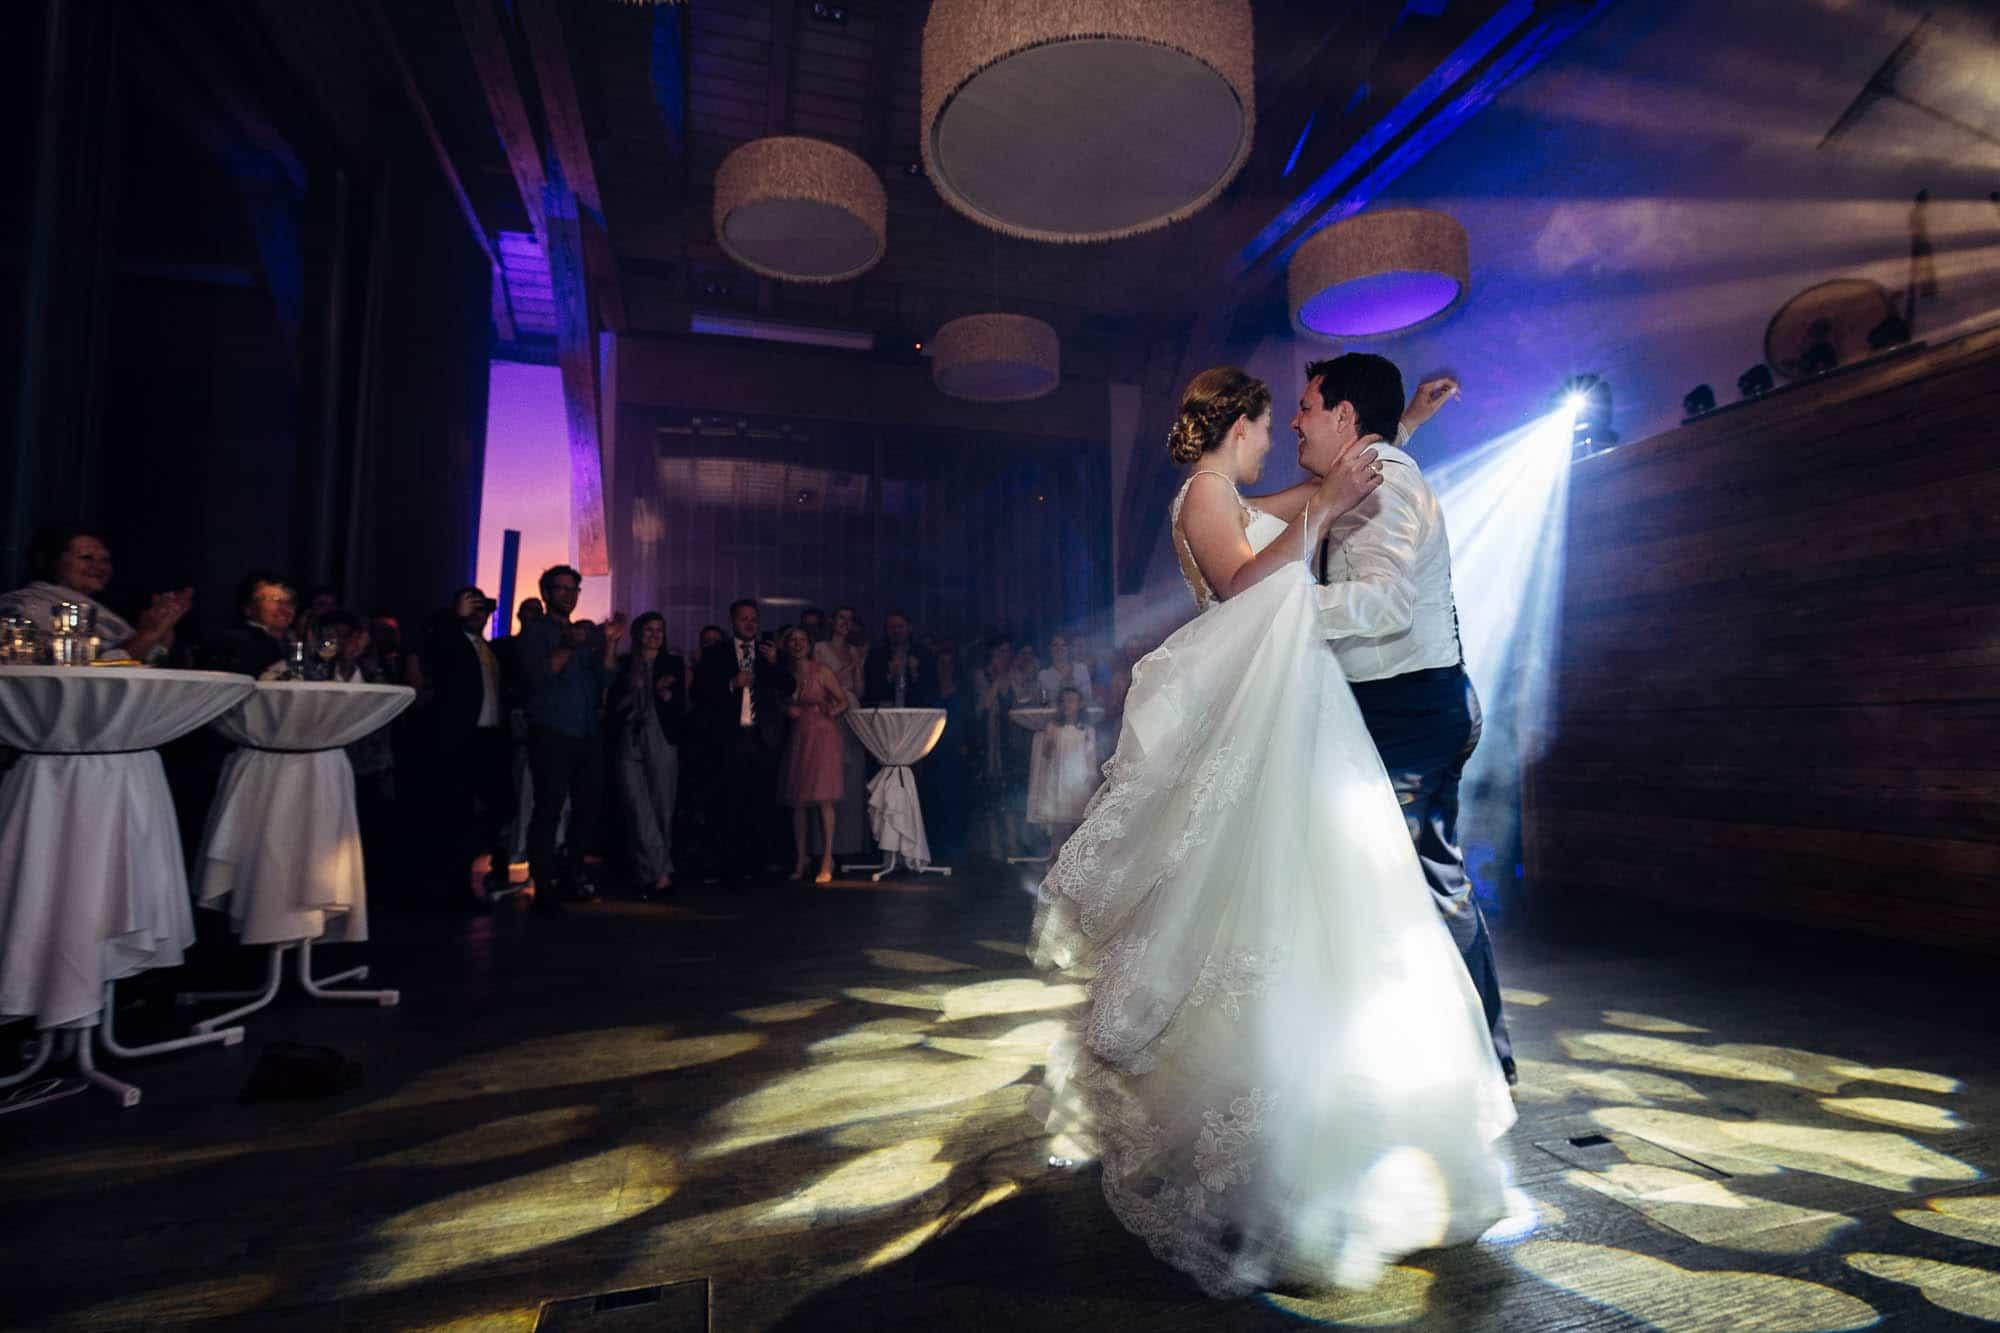 Erster Tanz vom Brautpaar im Talvo Saal